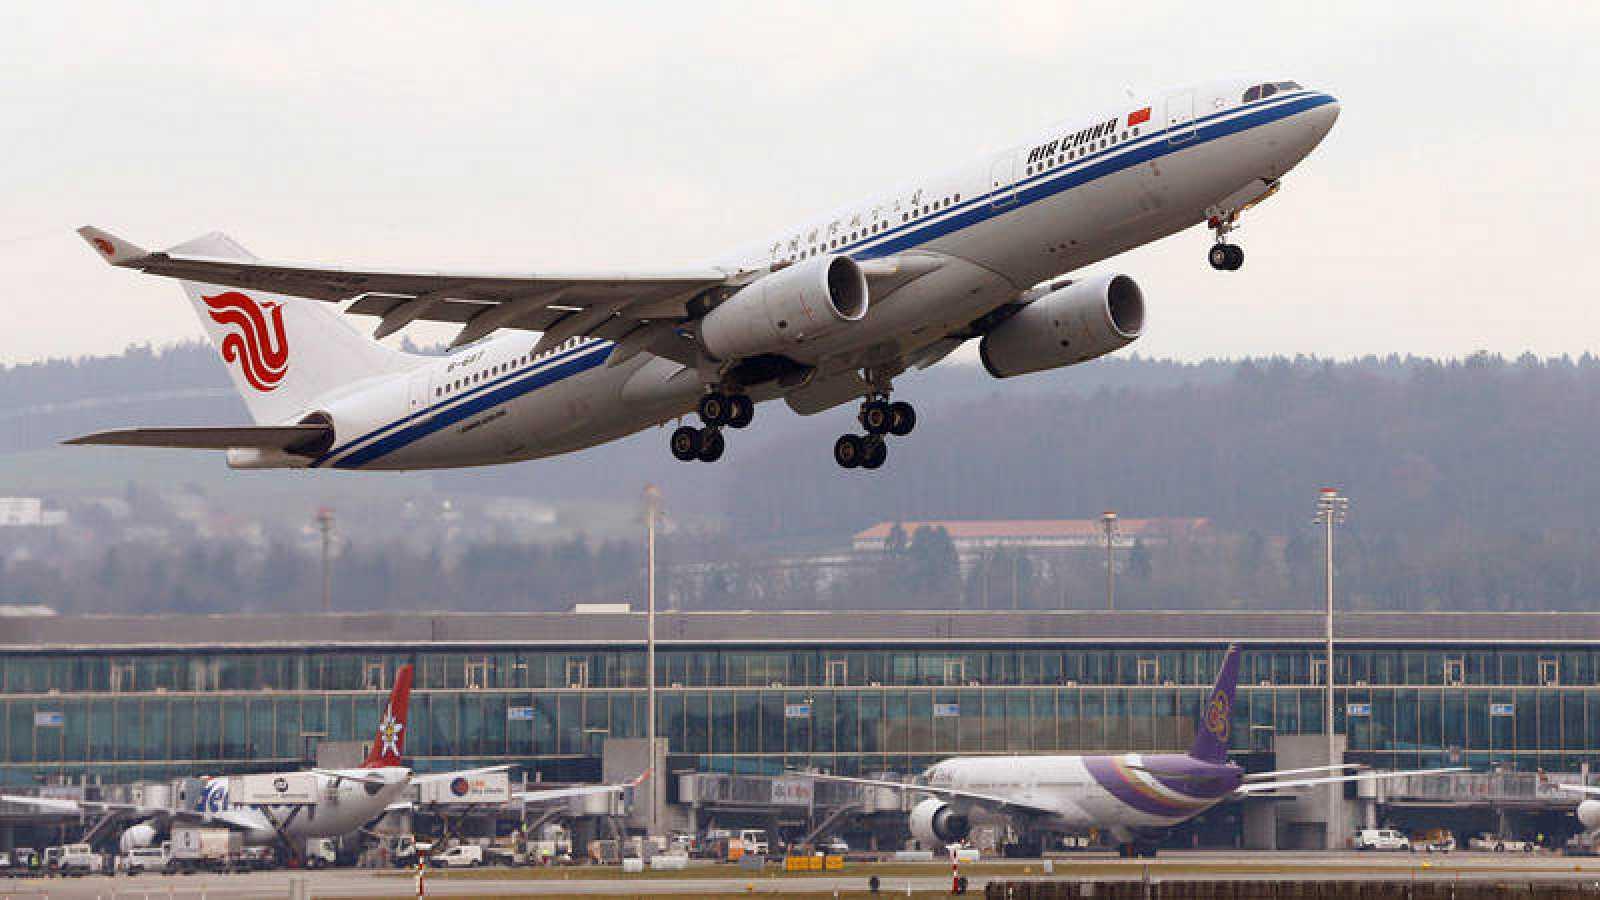 Un Airbus A 330-243 de Air China despega del aeropuerto de Zúrich